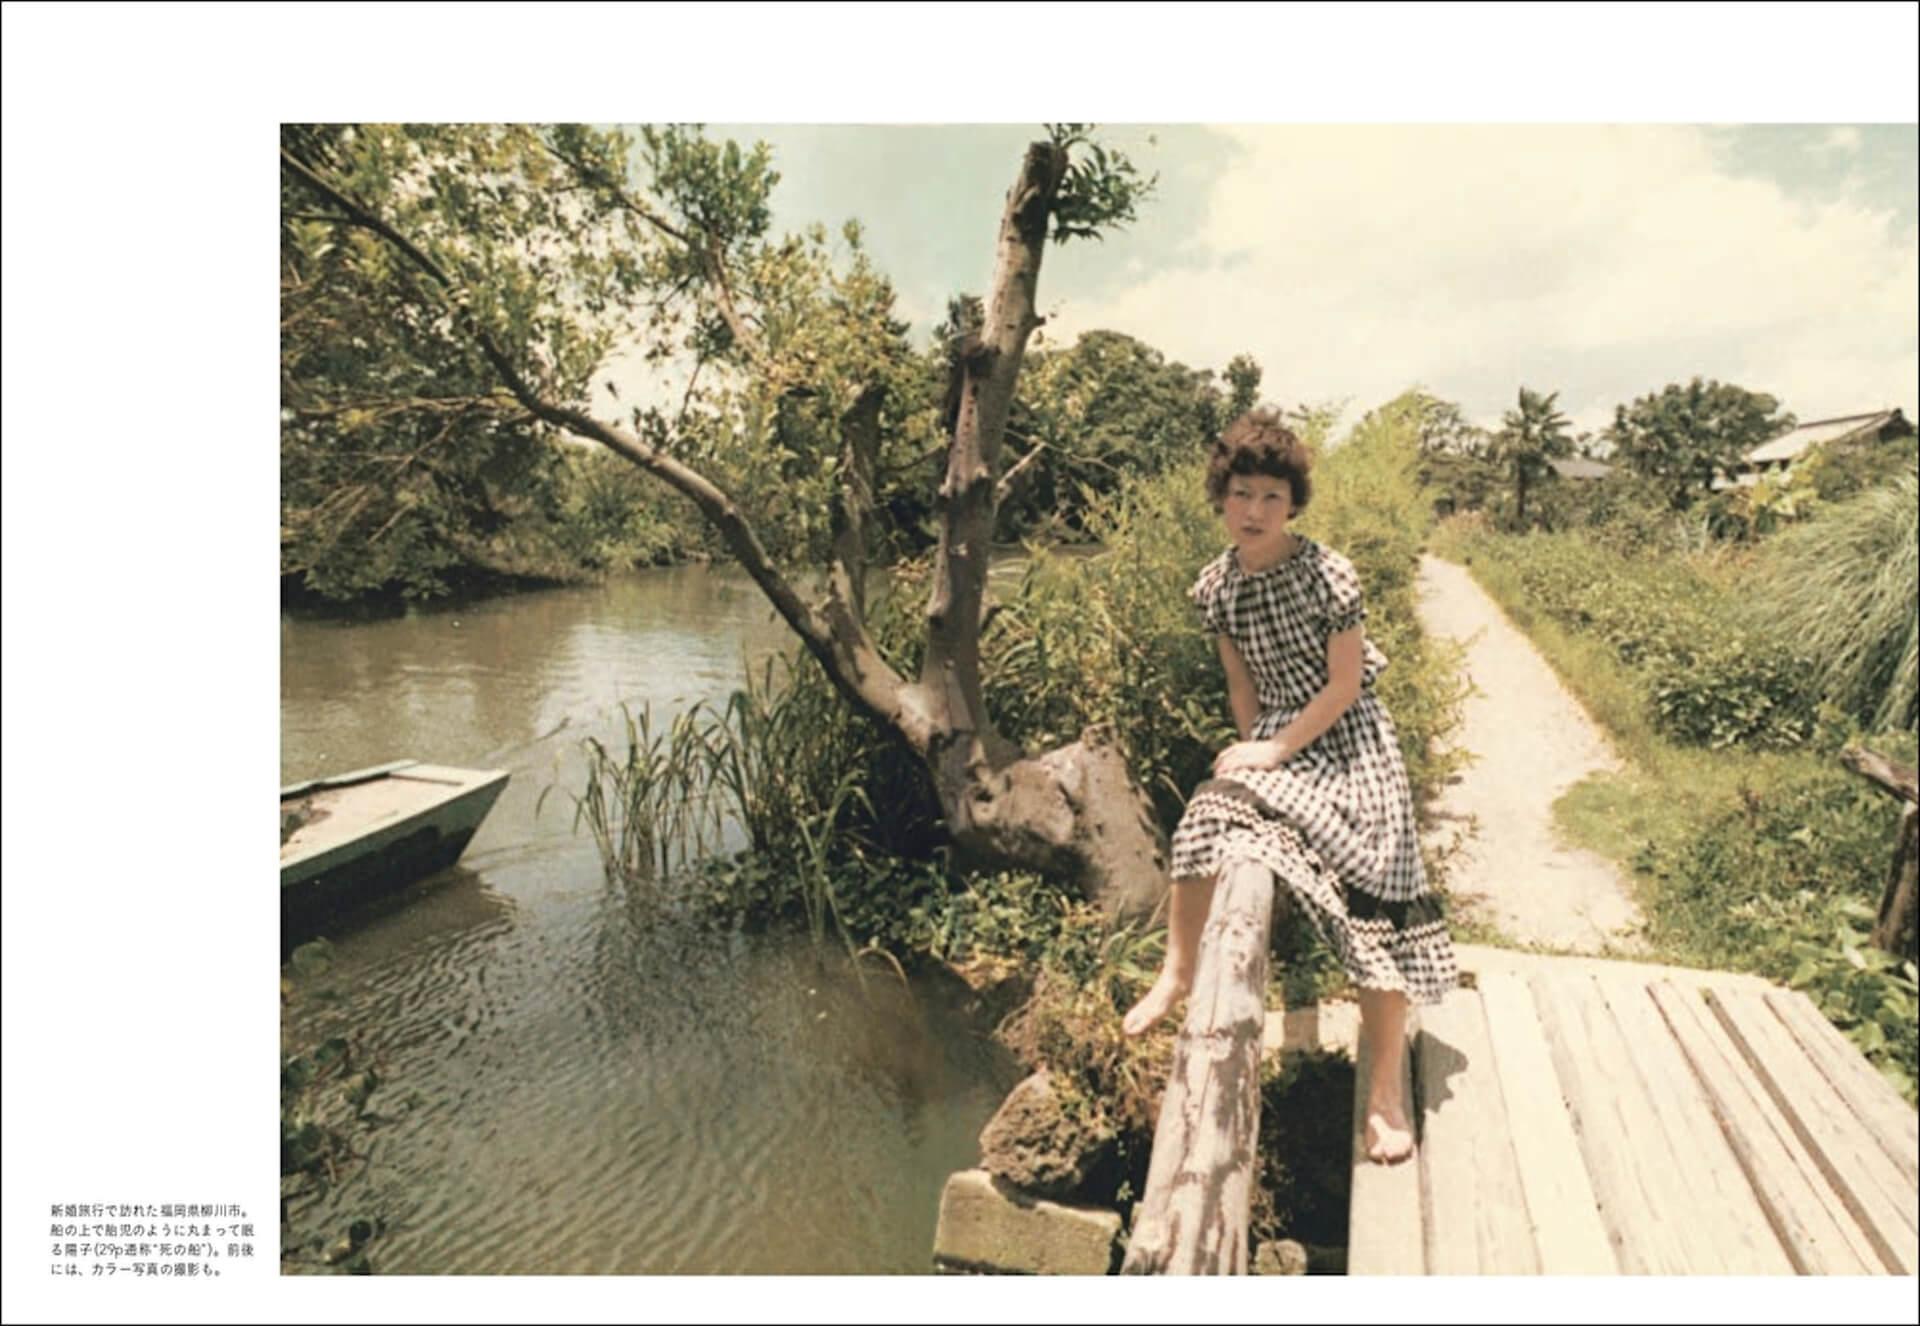 """""""アラーキー""""こと写真家・荒木経惟の20年間の名言と生涯の名作を集めた保存版「写真言集」が81歳の誕生日に発売! art210525_nobuyoshi-araki-210525_7"""